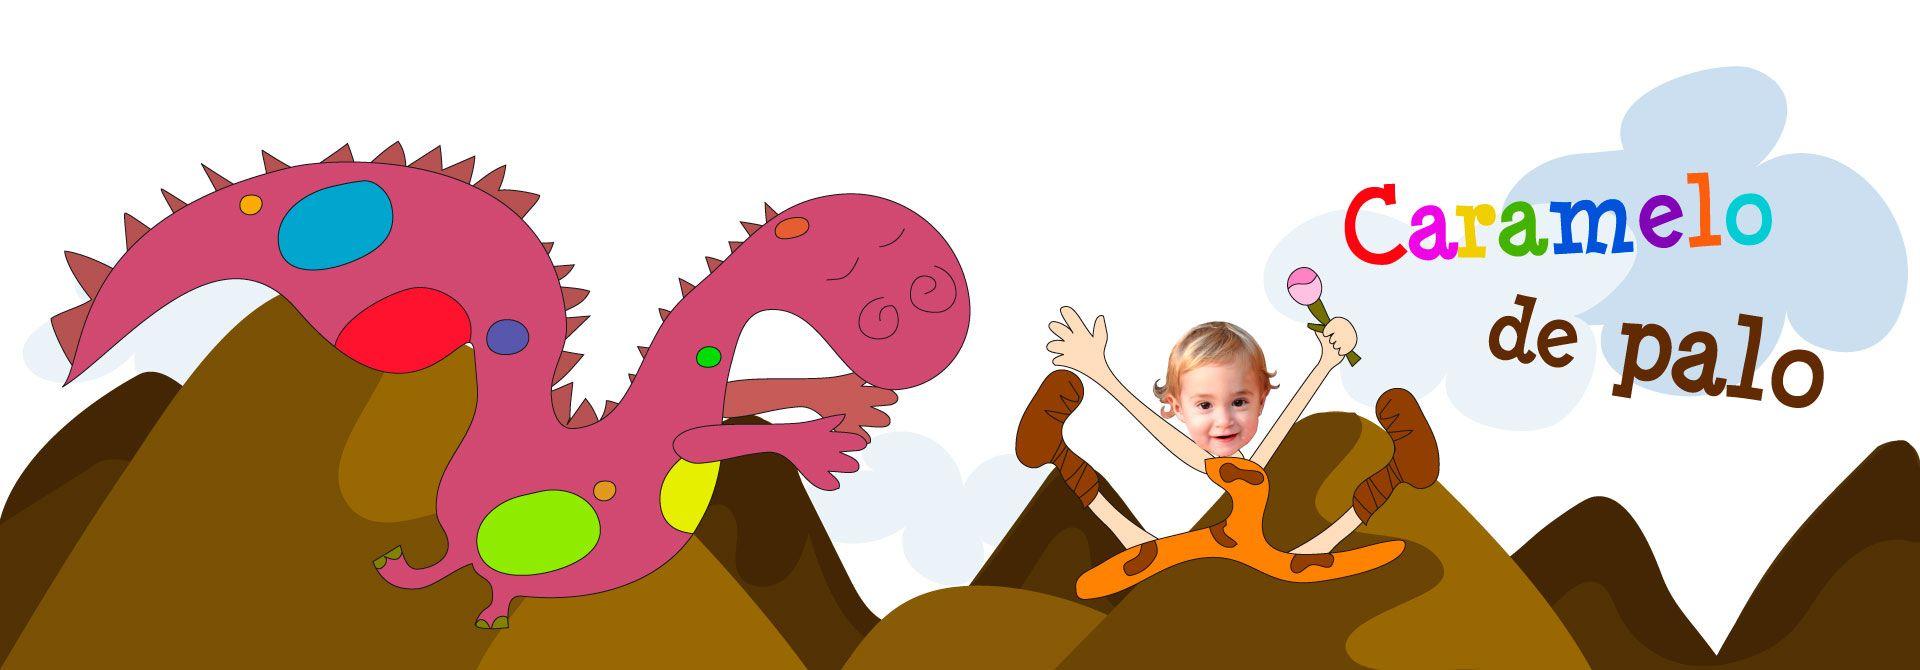 Cuento Caramelo de palo - Una historia de dinosaurios - Encabezado del producto